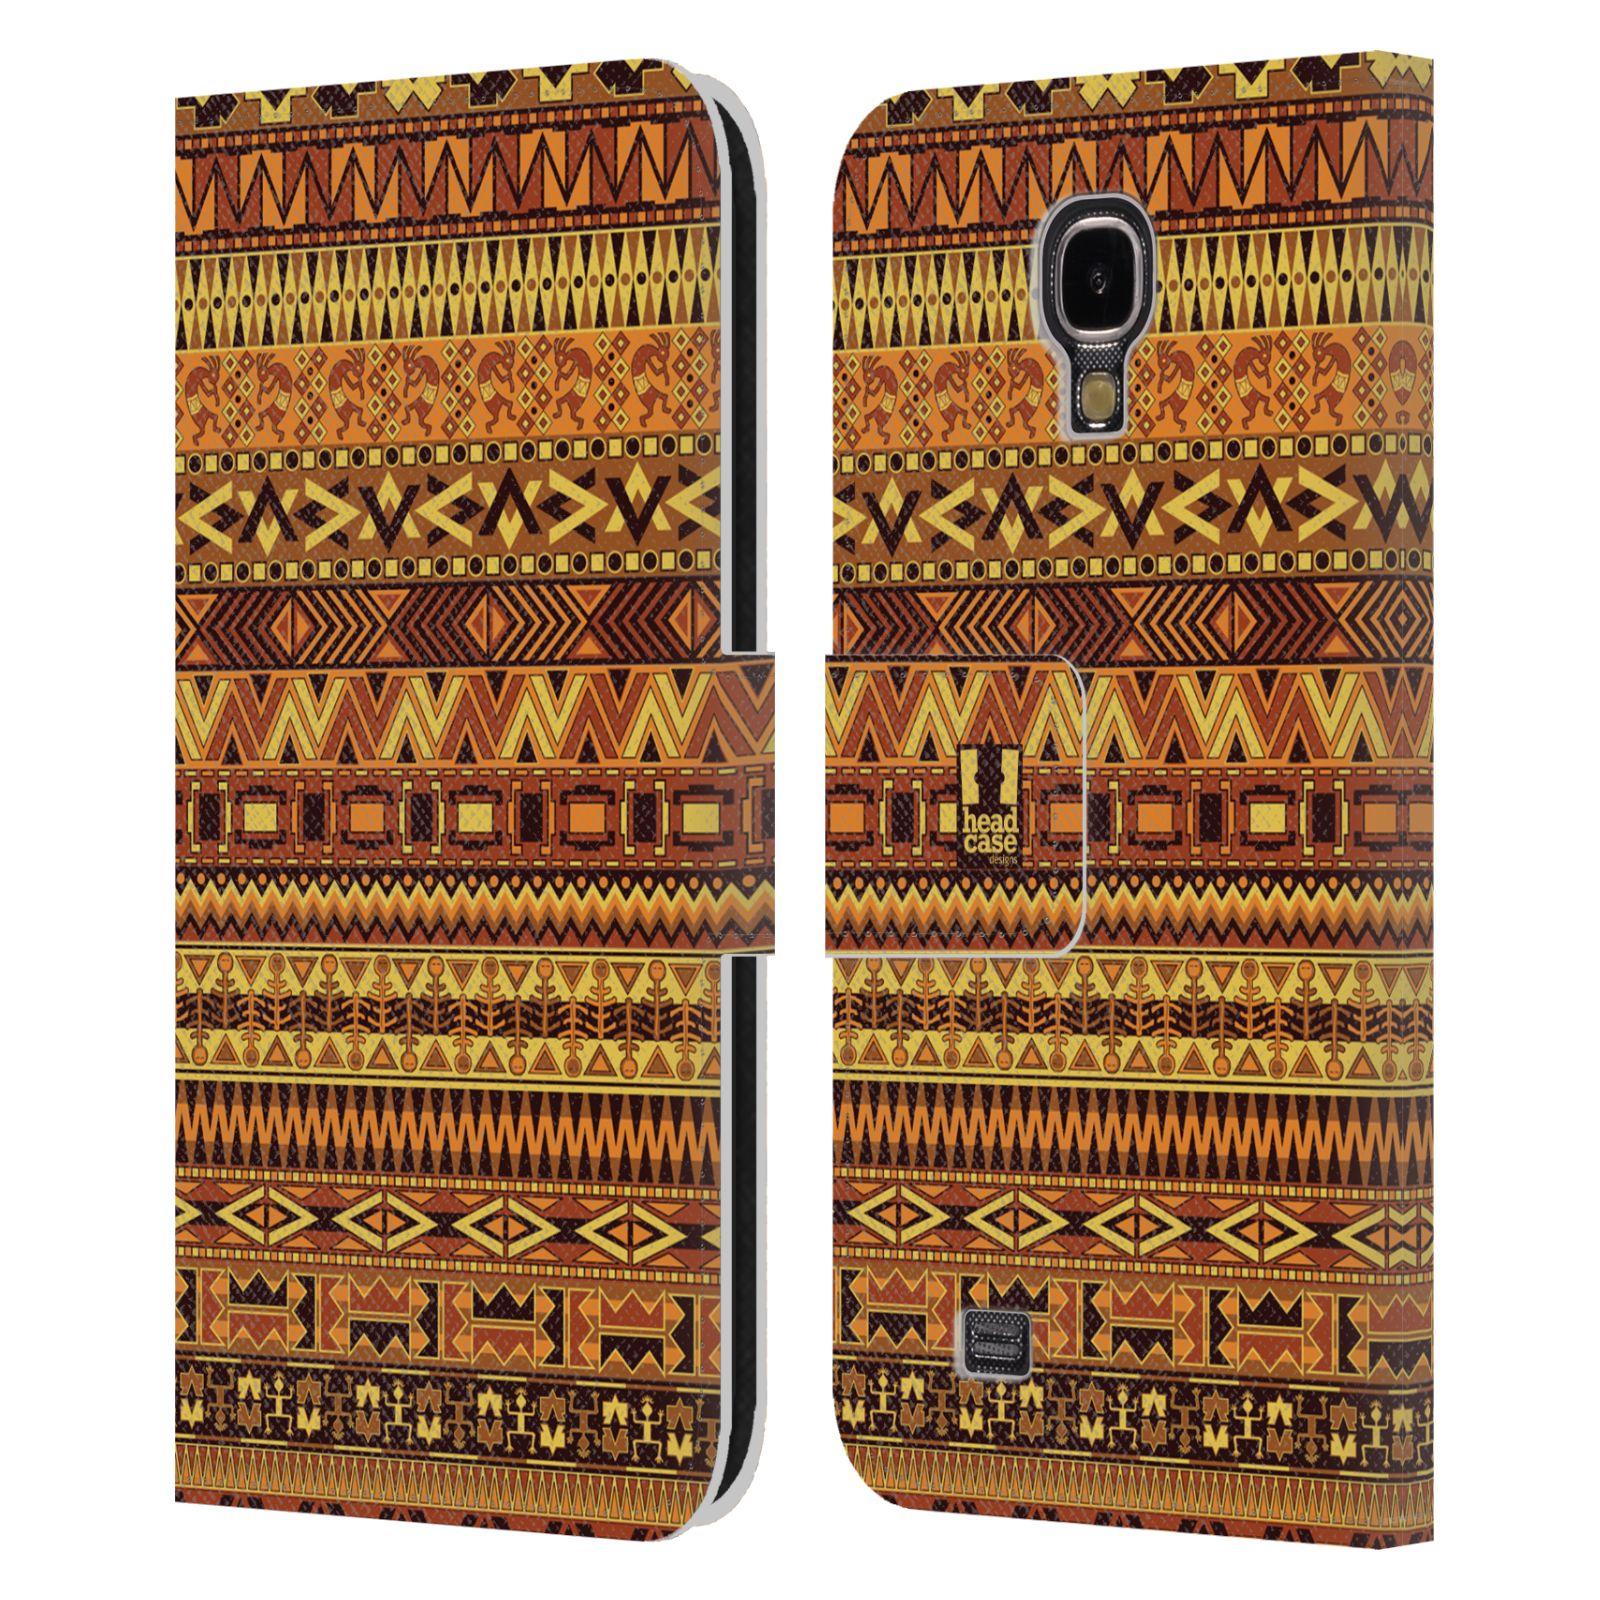 HEAD CASE Flipové pouzdro pro mobil Samsung Galaxy S4 Indiánský vzor YELLOW žlutá